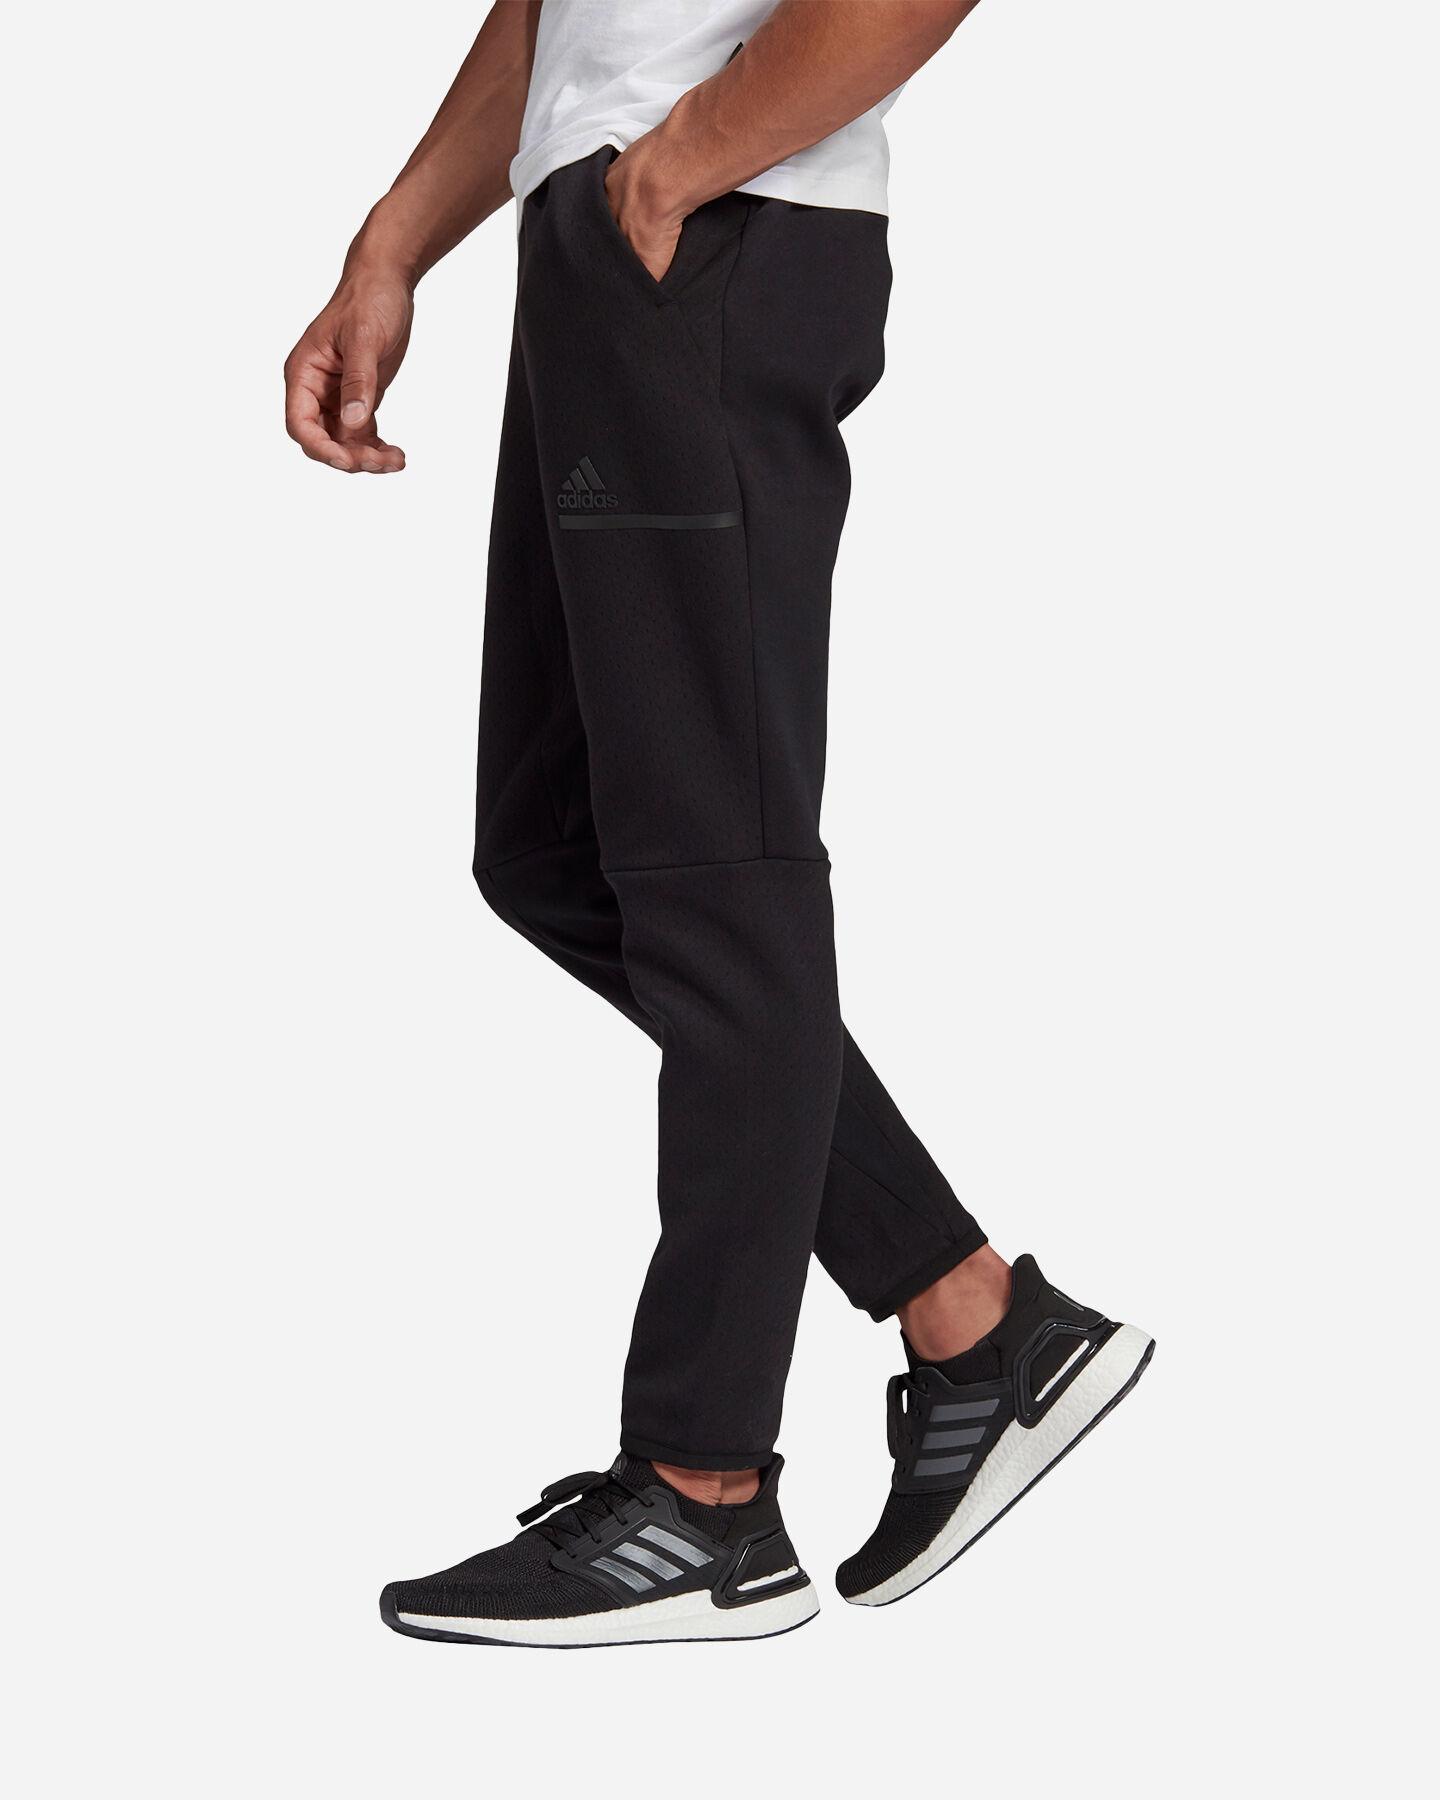 Pantalone ADIDAS ZONE M S5228113 scatto 3